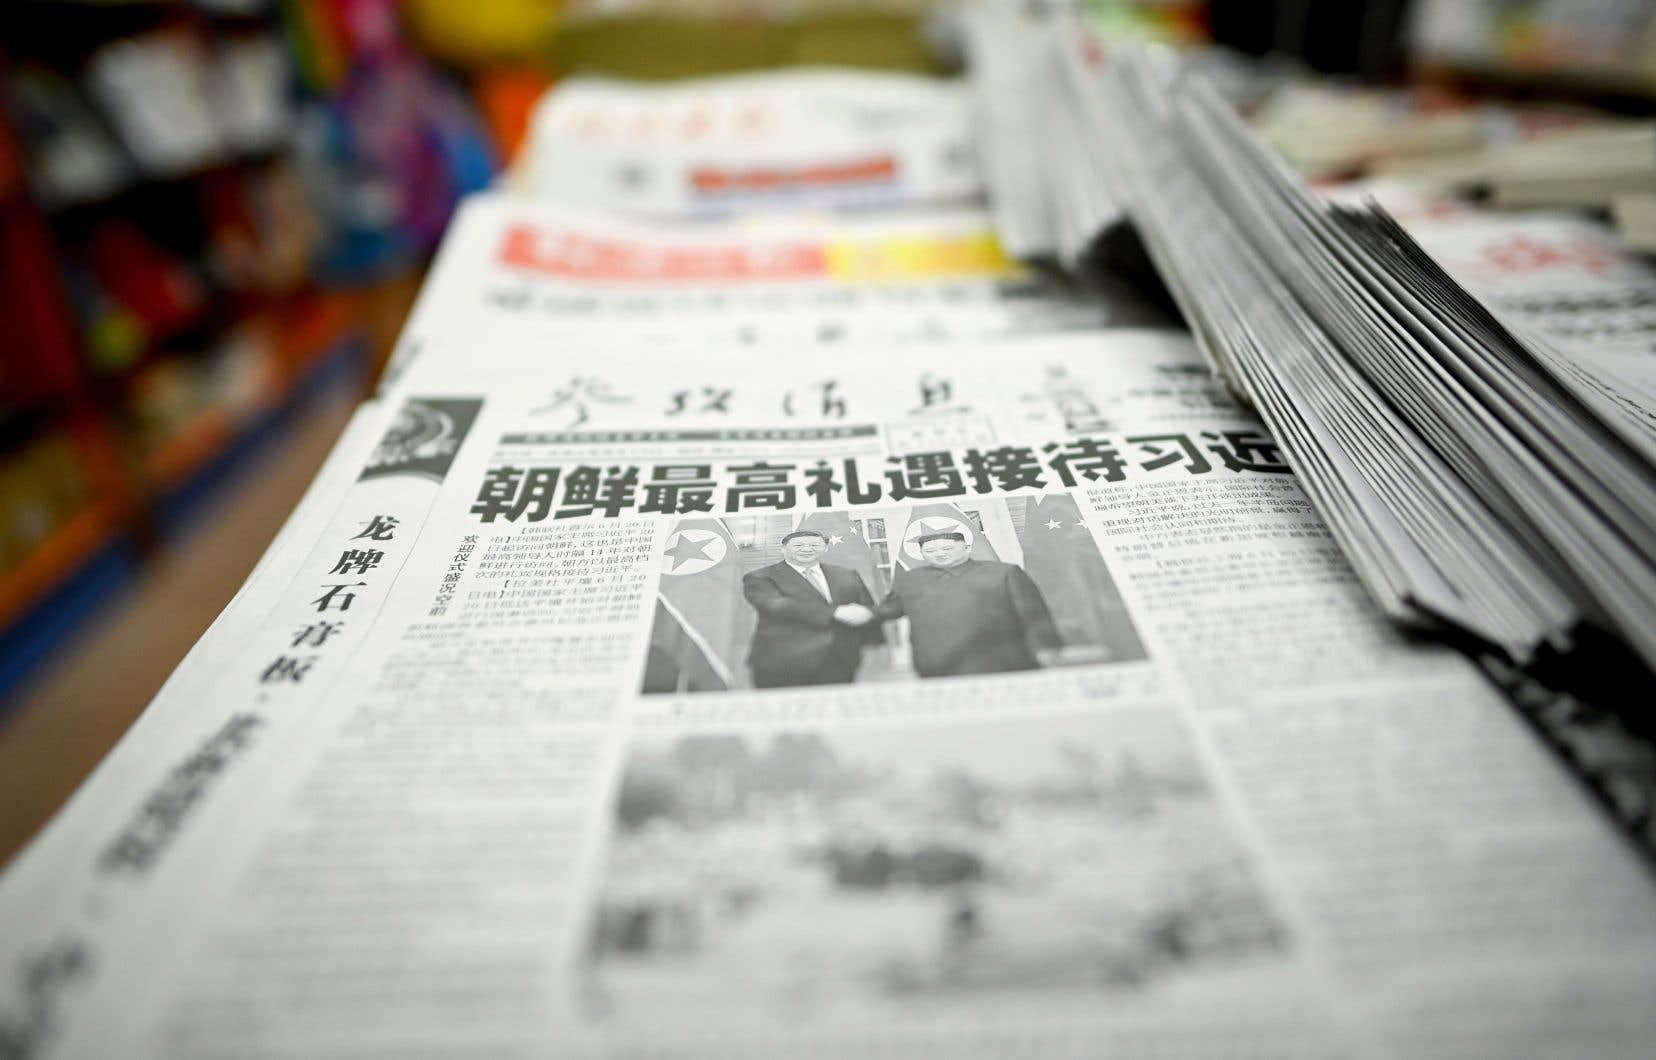 Une occasion de plus pour le Parti communiste chinois de mettre sa propagande au service de la fabrication du consentement au sein de sa population.